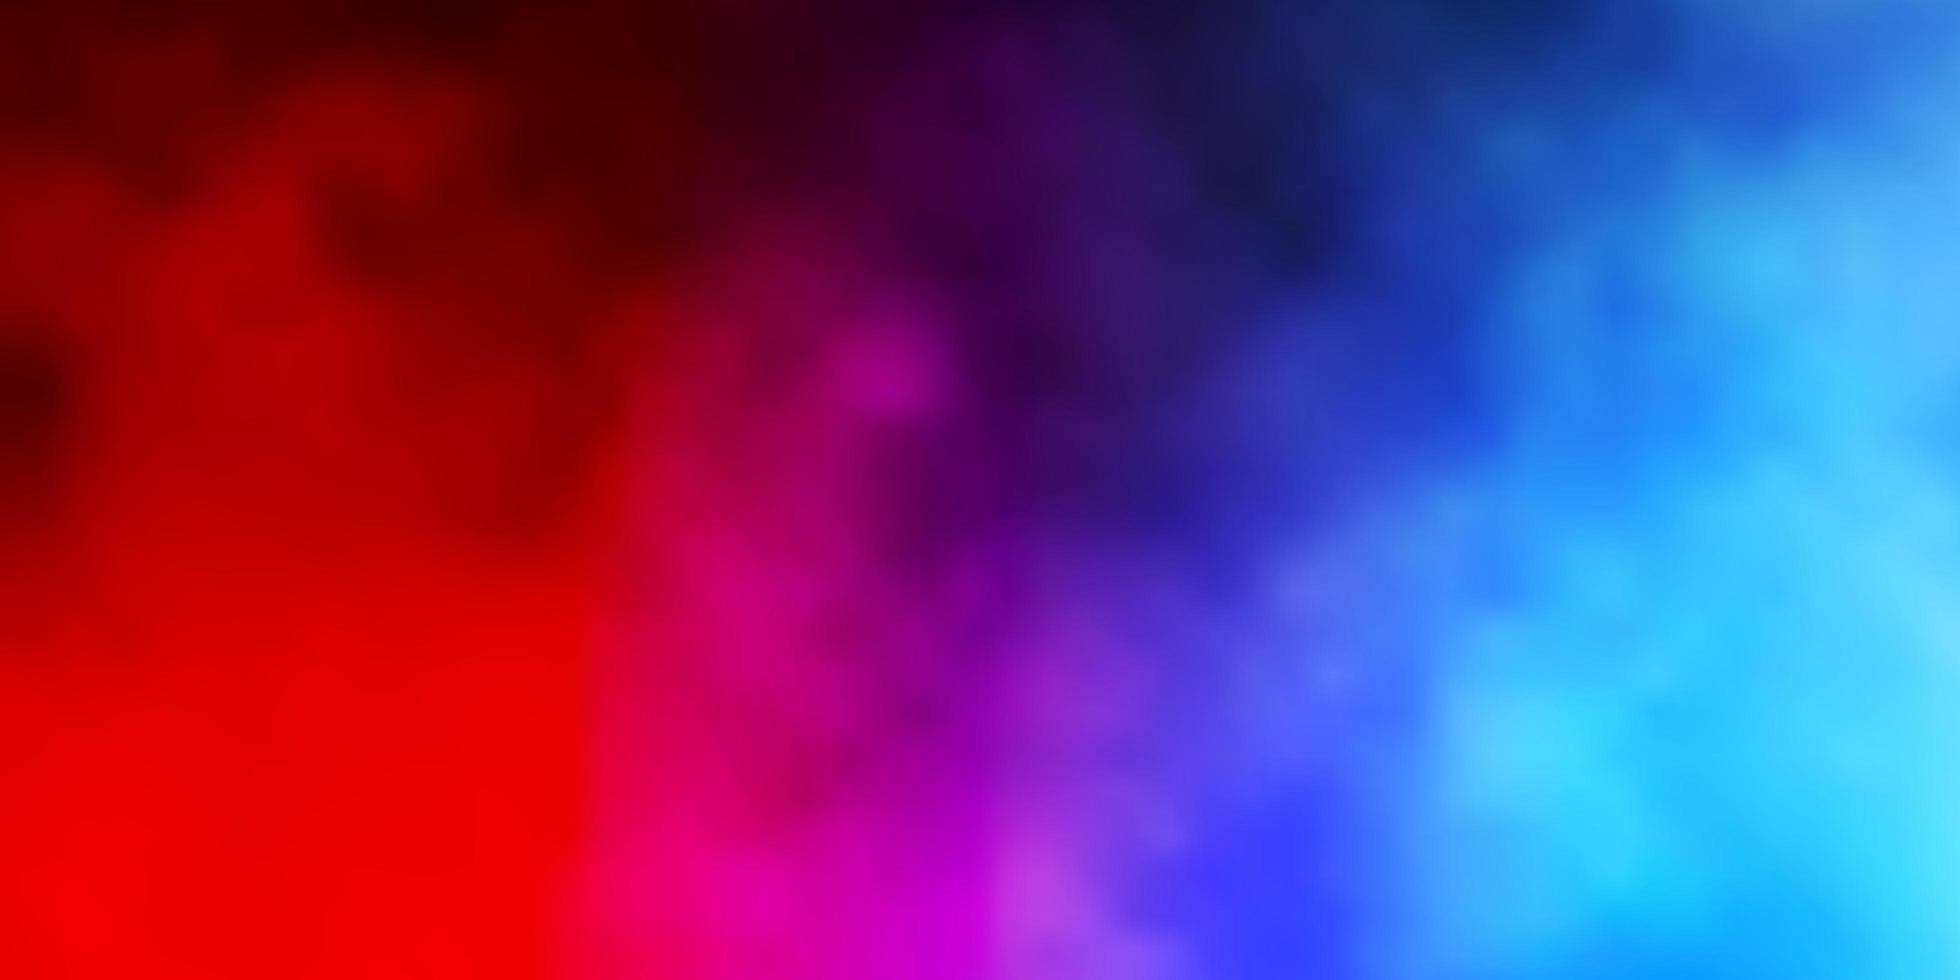 ljusblått, rött vektormönster med moln. vektor